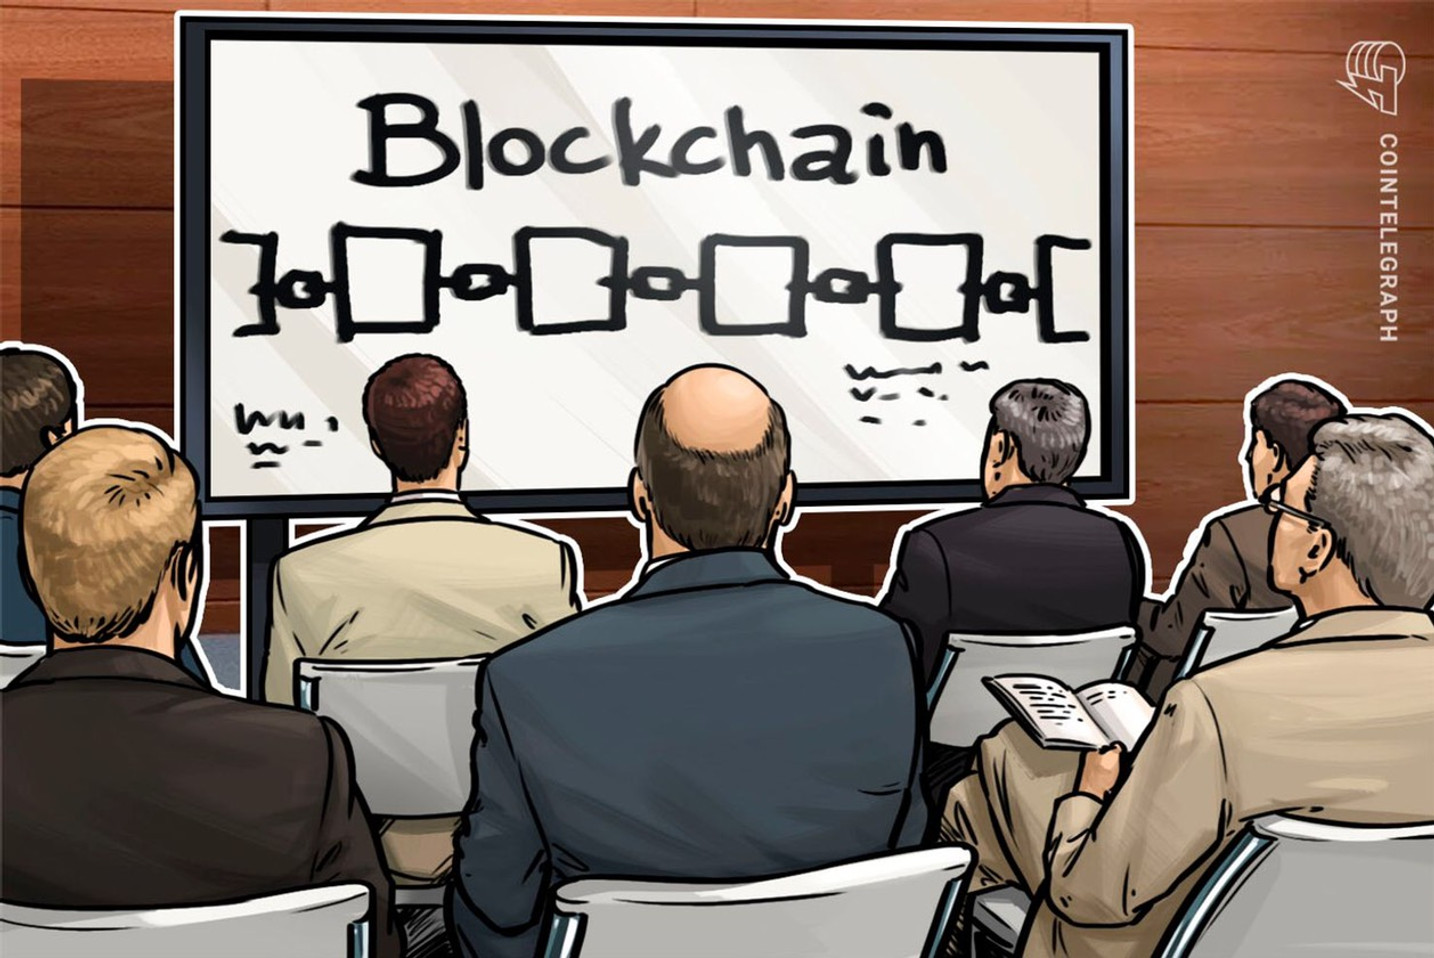 仮想通貨・ブロックチェーン用語集-クリプトペディア